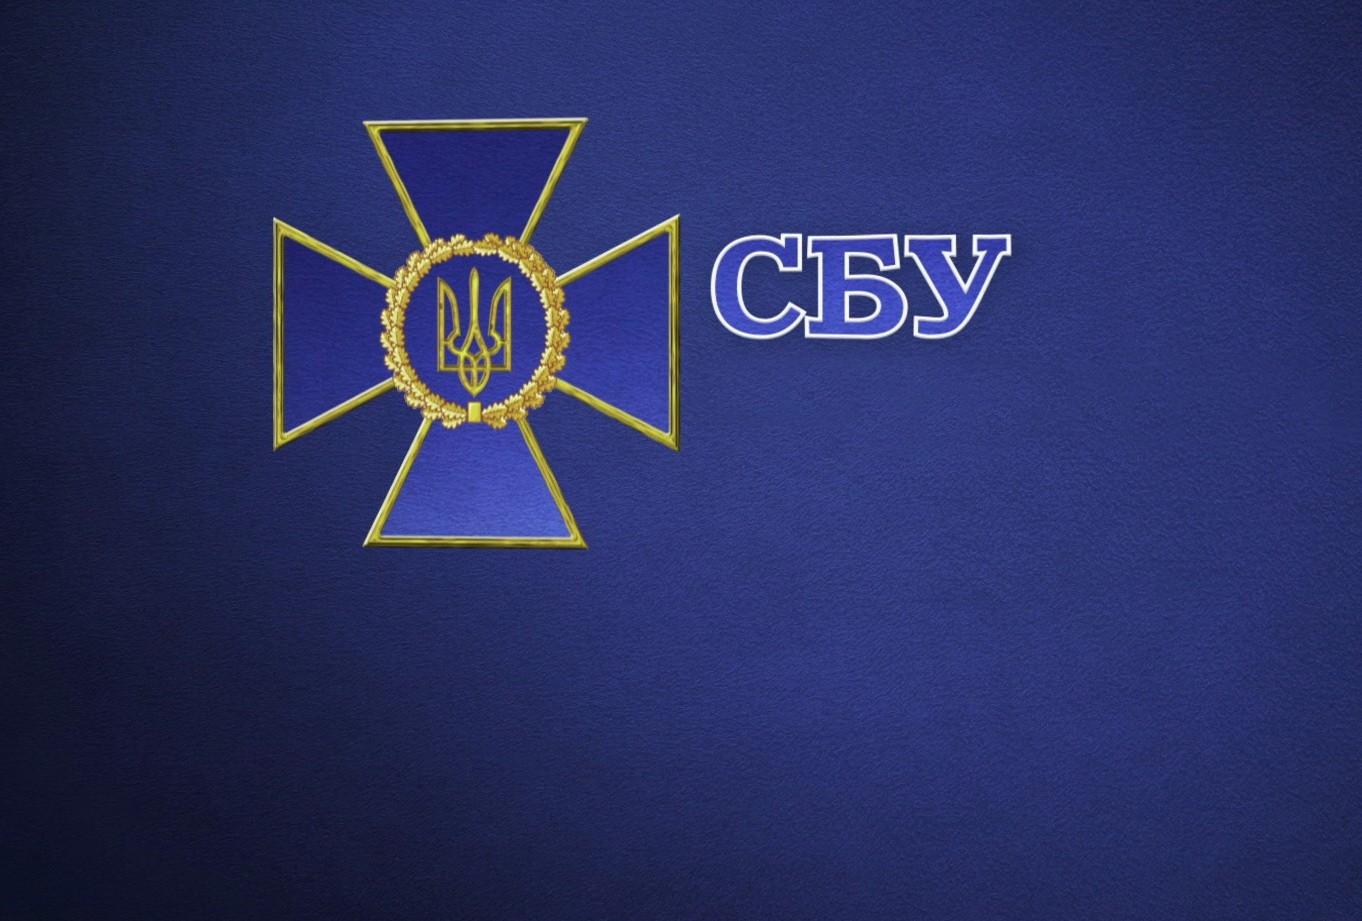 Российские спецслужбы охотятся за аккаунтами украинцев в соцсетях